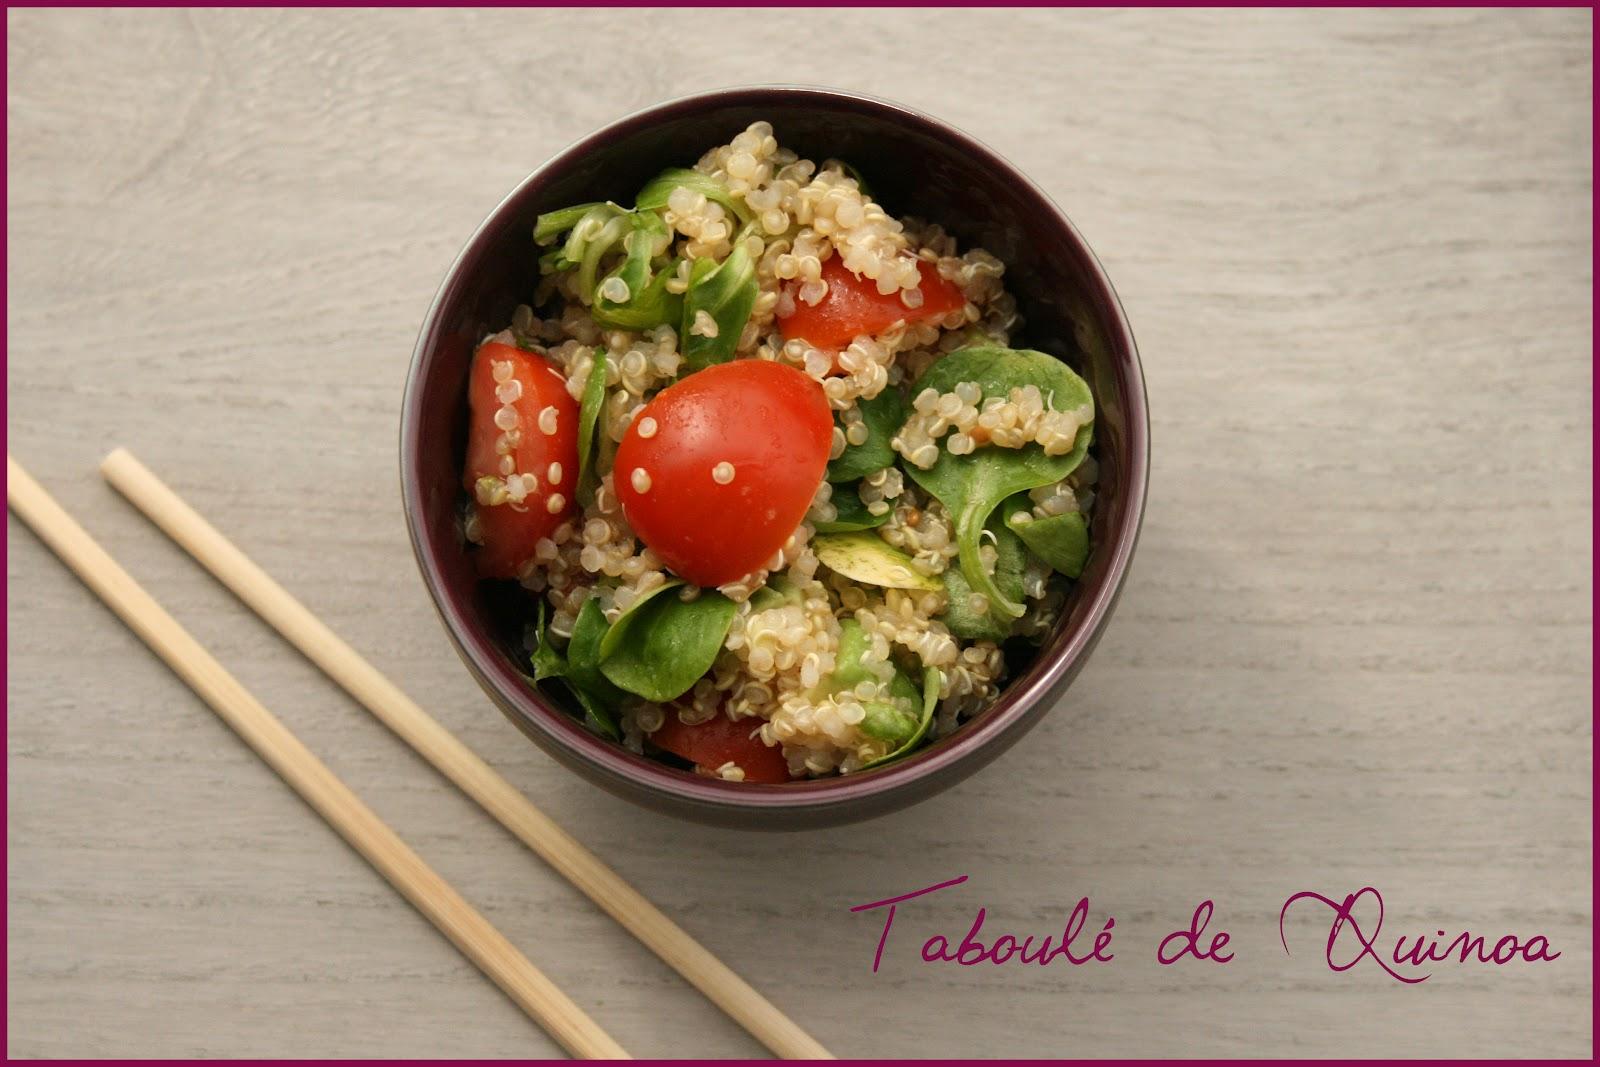 Taboul de quinoa ou comment cuisiner les c r ales part 1 croquez craquez - Comment cuisiner le quinoa recettes ...